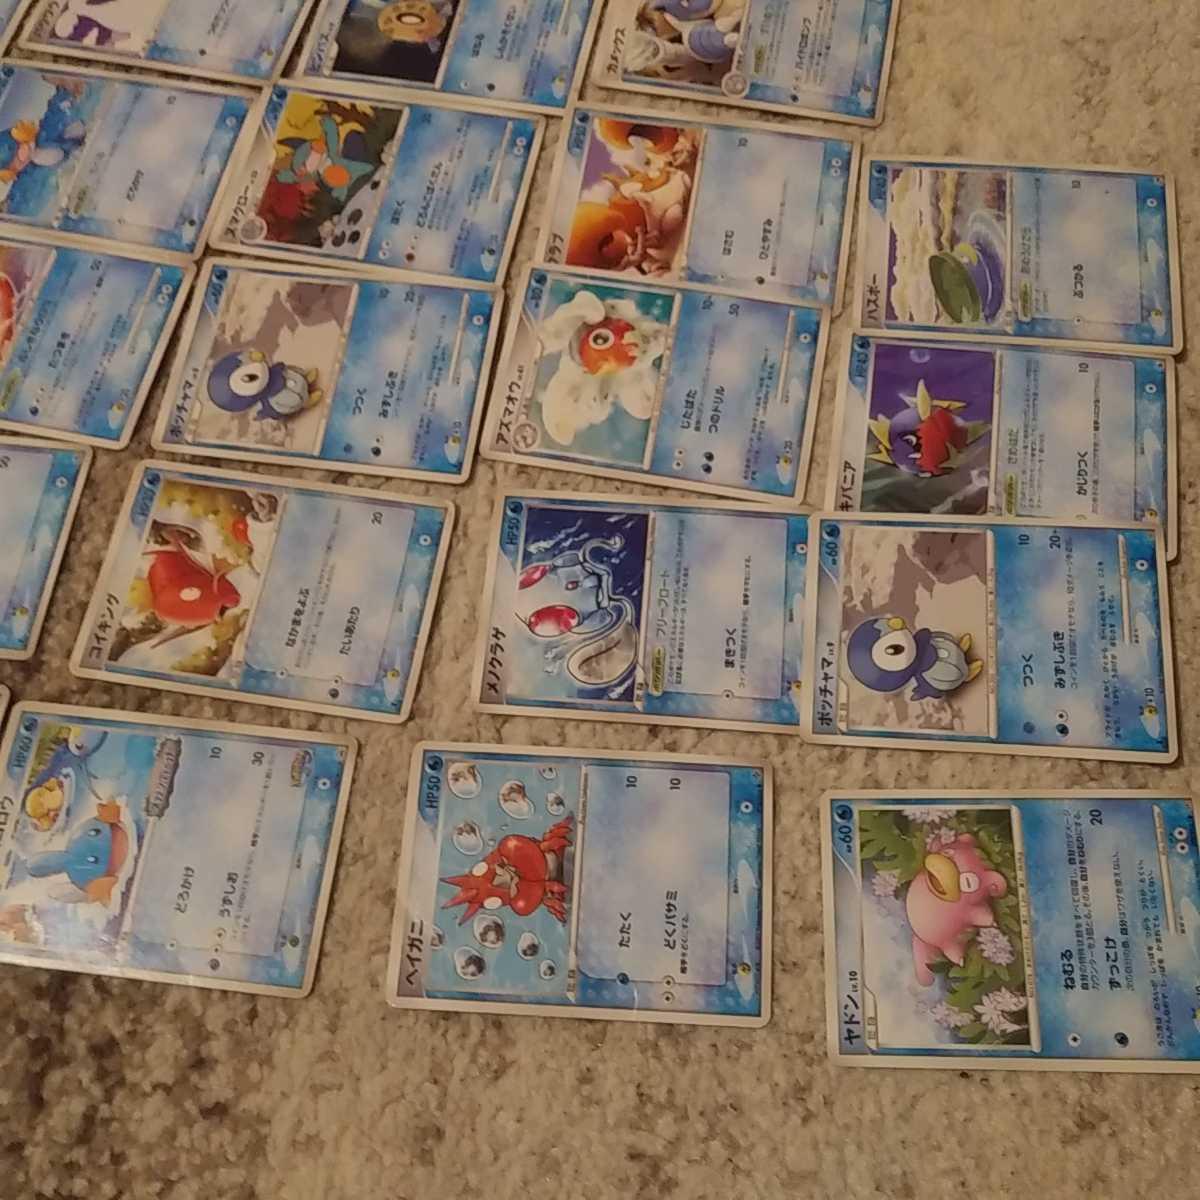 ポケモンカード 水ポケモン 28枚セット まとめ売り 1円売り切り_画像3